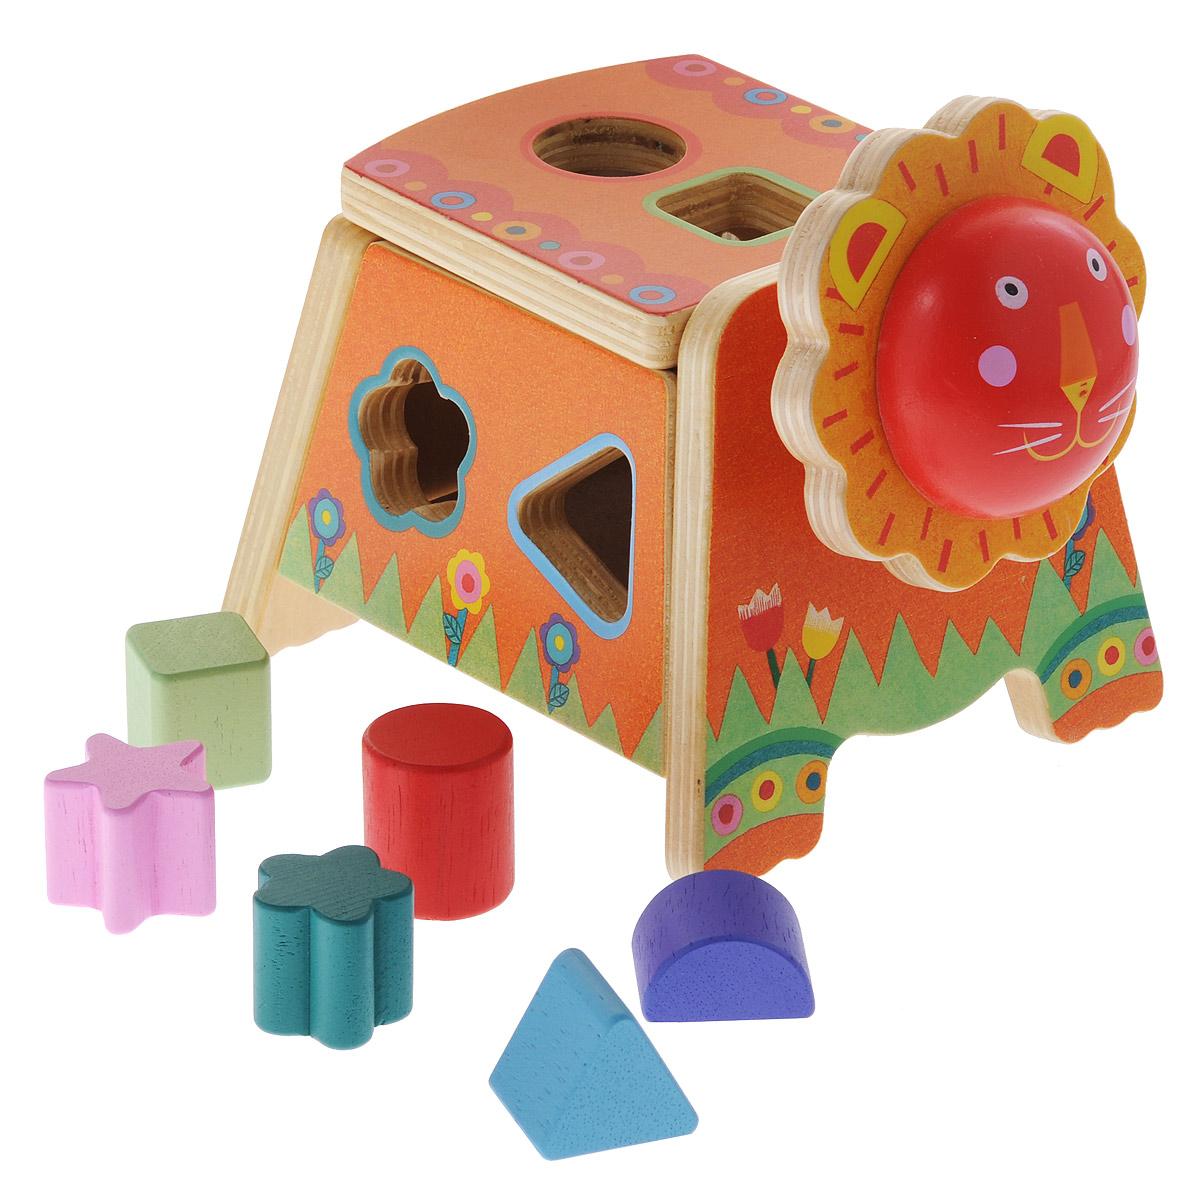 Djeco Игрушка-сортер Кикулео06420Яркая игрушка-сортер Djeco Кикулео привлечет внимание вашего ребенка и не позволит ему скучать. Она выполнена из дерева в виде симпатичного льва с головкой на металлической пружинке. На тельце имеются шесть отверстий разных форм. В комплект входят шесть фигурок: треугольник, квадрат, круг, цветочек, звездочка и полукруг. Задача малыша состоит в том, чтобы опустить фигурки в соответствующие им отверстия. Когда все они окажутся внутри сортера, их можно достать, откинув крышку на спине льва. Края игрушки закруглены, что делает ее безопасной для игр с детьми от одного года. Во время игры ребенок познакомится с основными цветами, научится различать фигуры, форму и цвет, разовьет логическое мышление и мелкую моторику пальчиков рук.